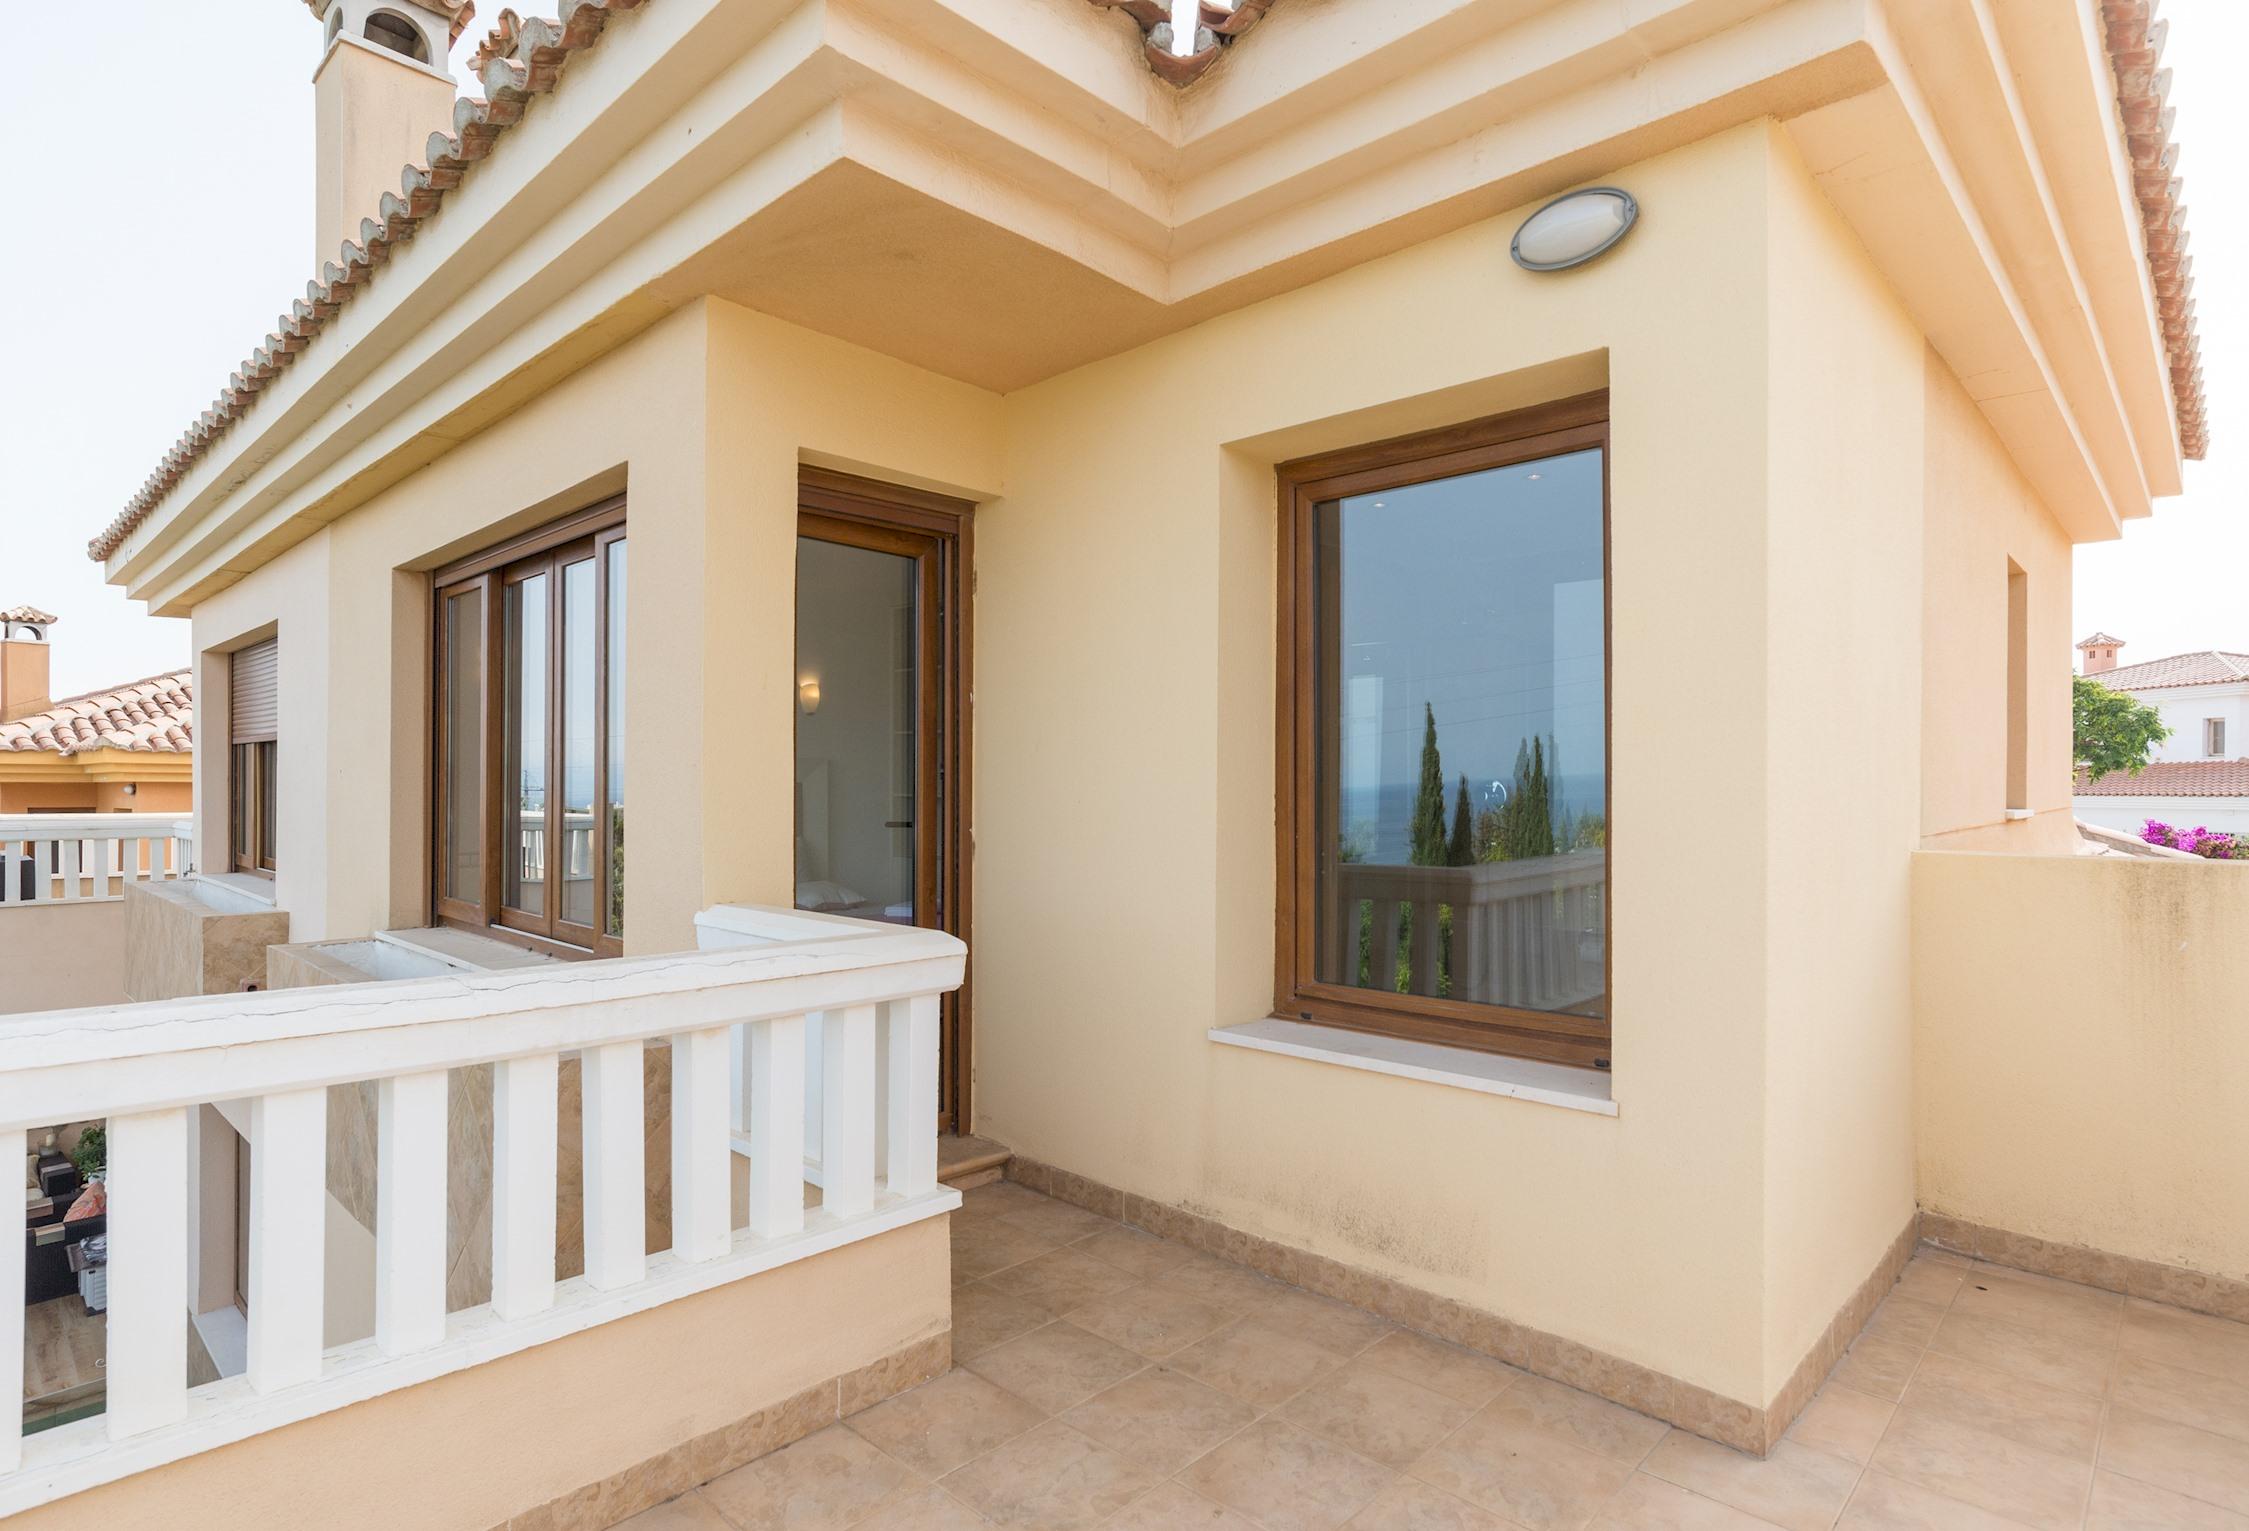 Apartment MalagaSuite Private Deluxe Villa photo 20498723